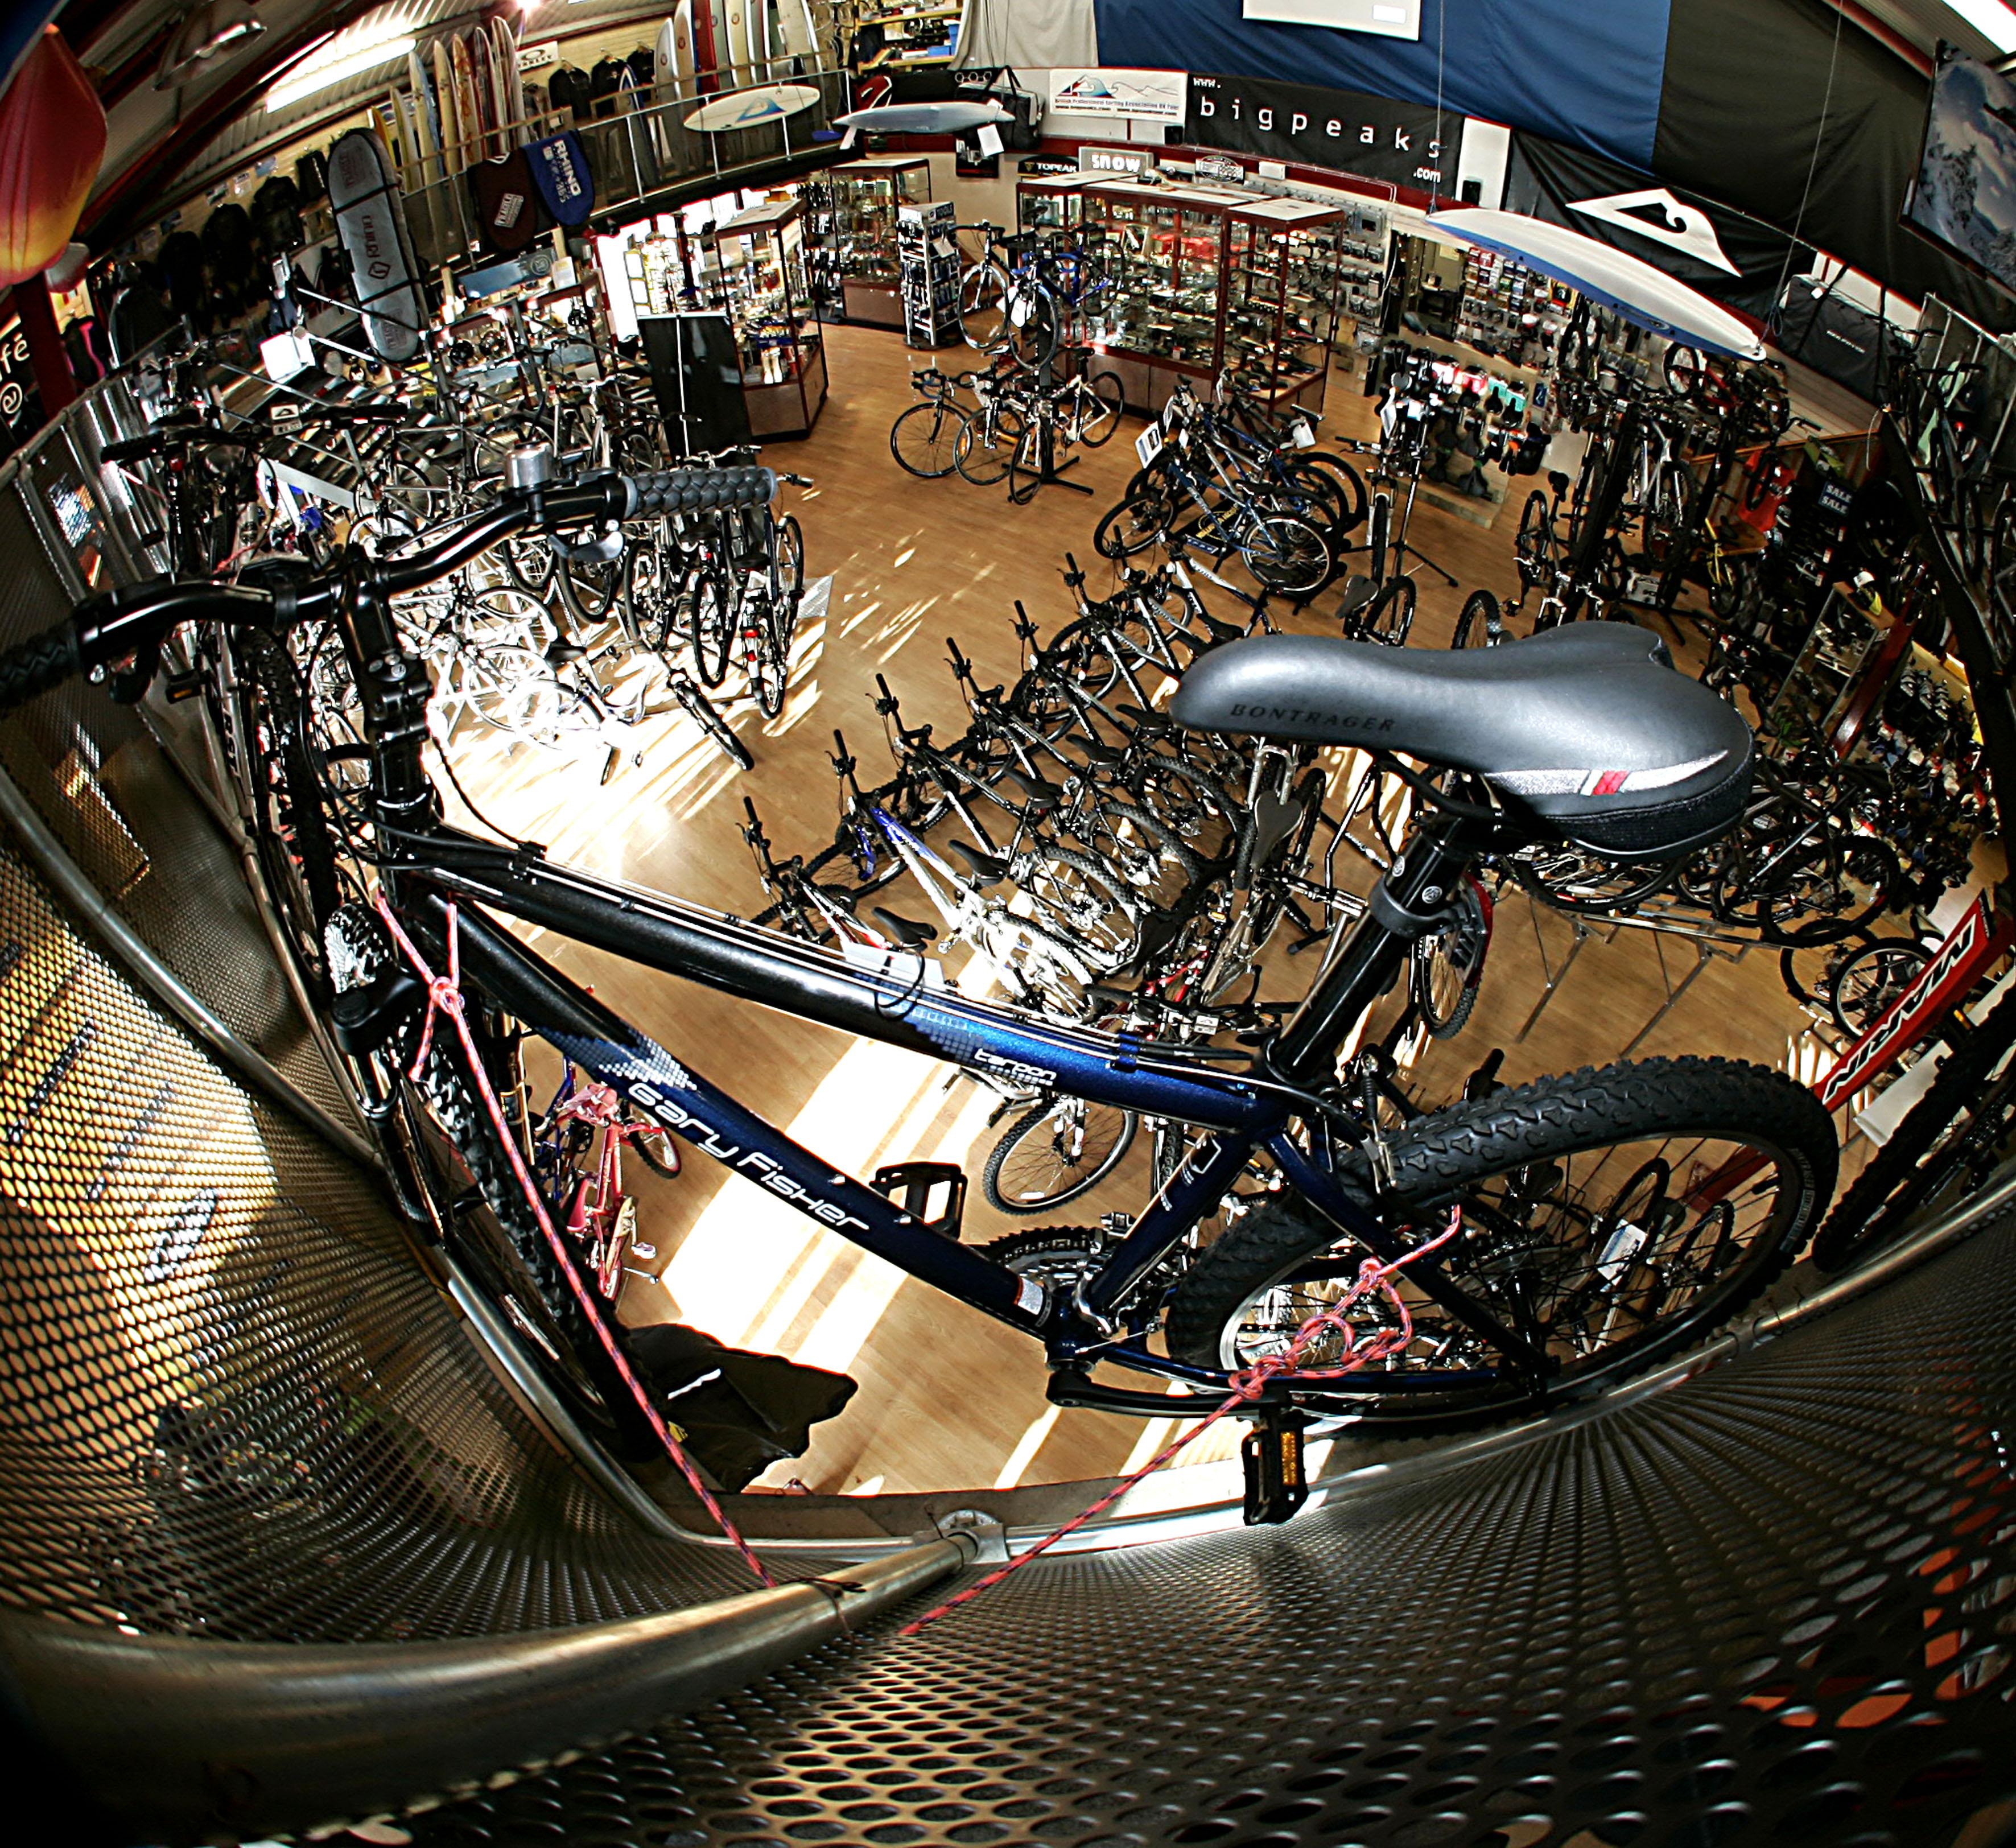 Bigpeaks Bikes Inside Store